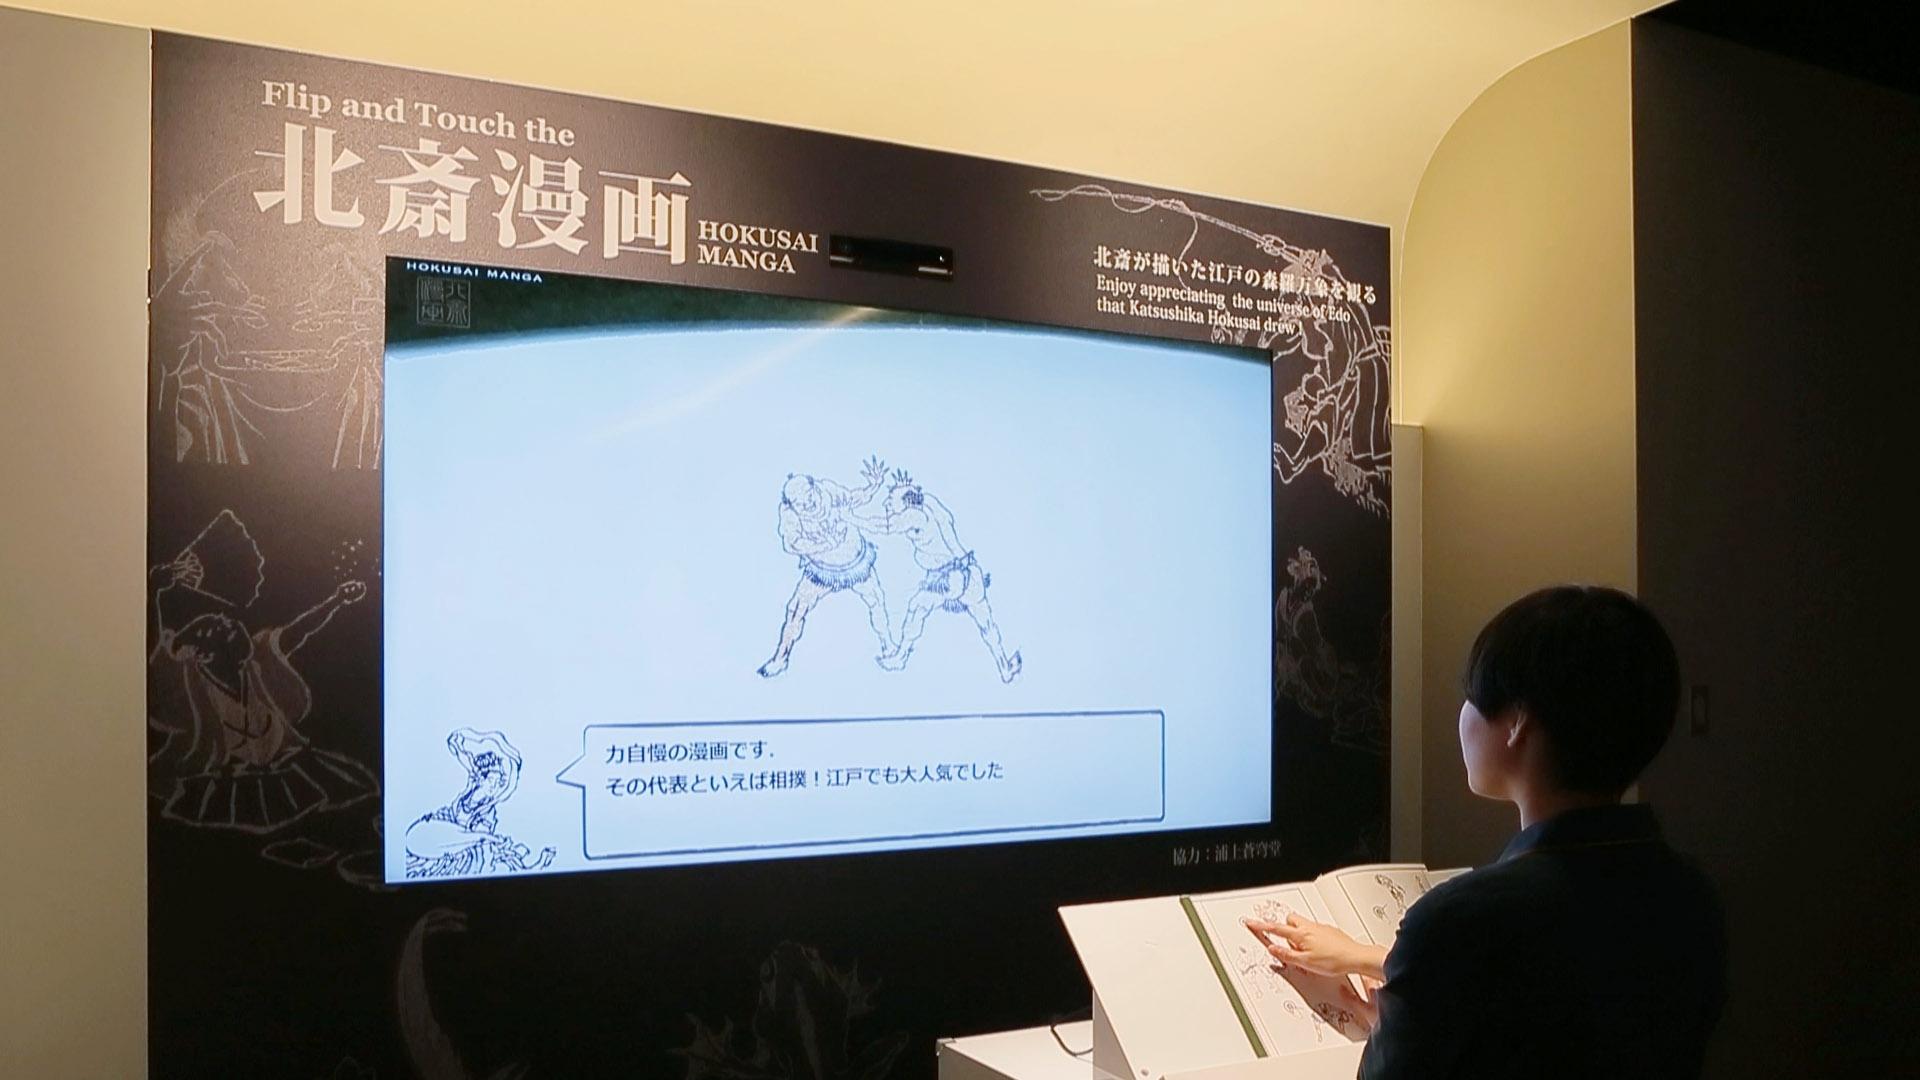 製作:凸版印刷株式会社 協力:浦上蒼穹堂